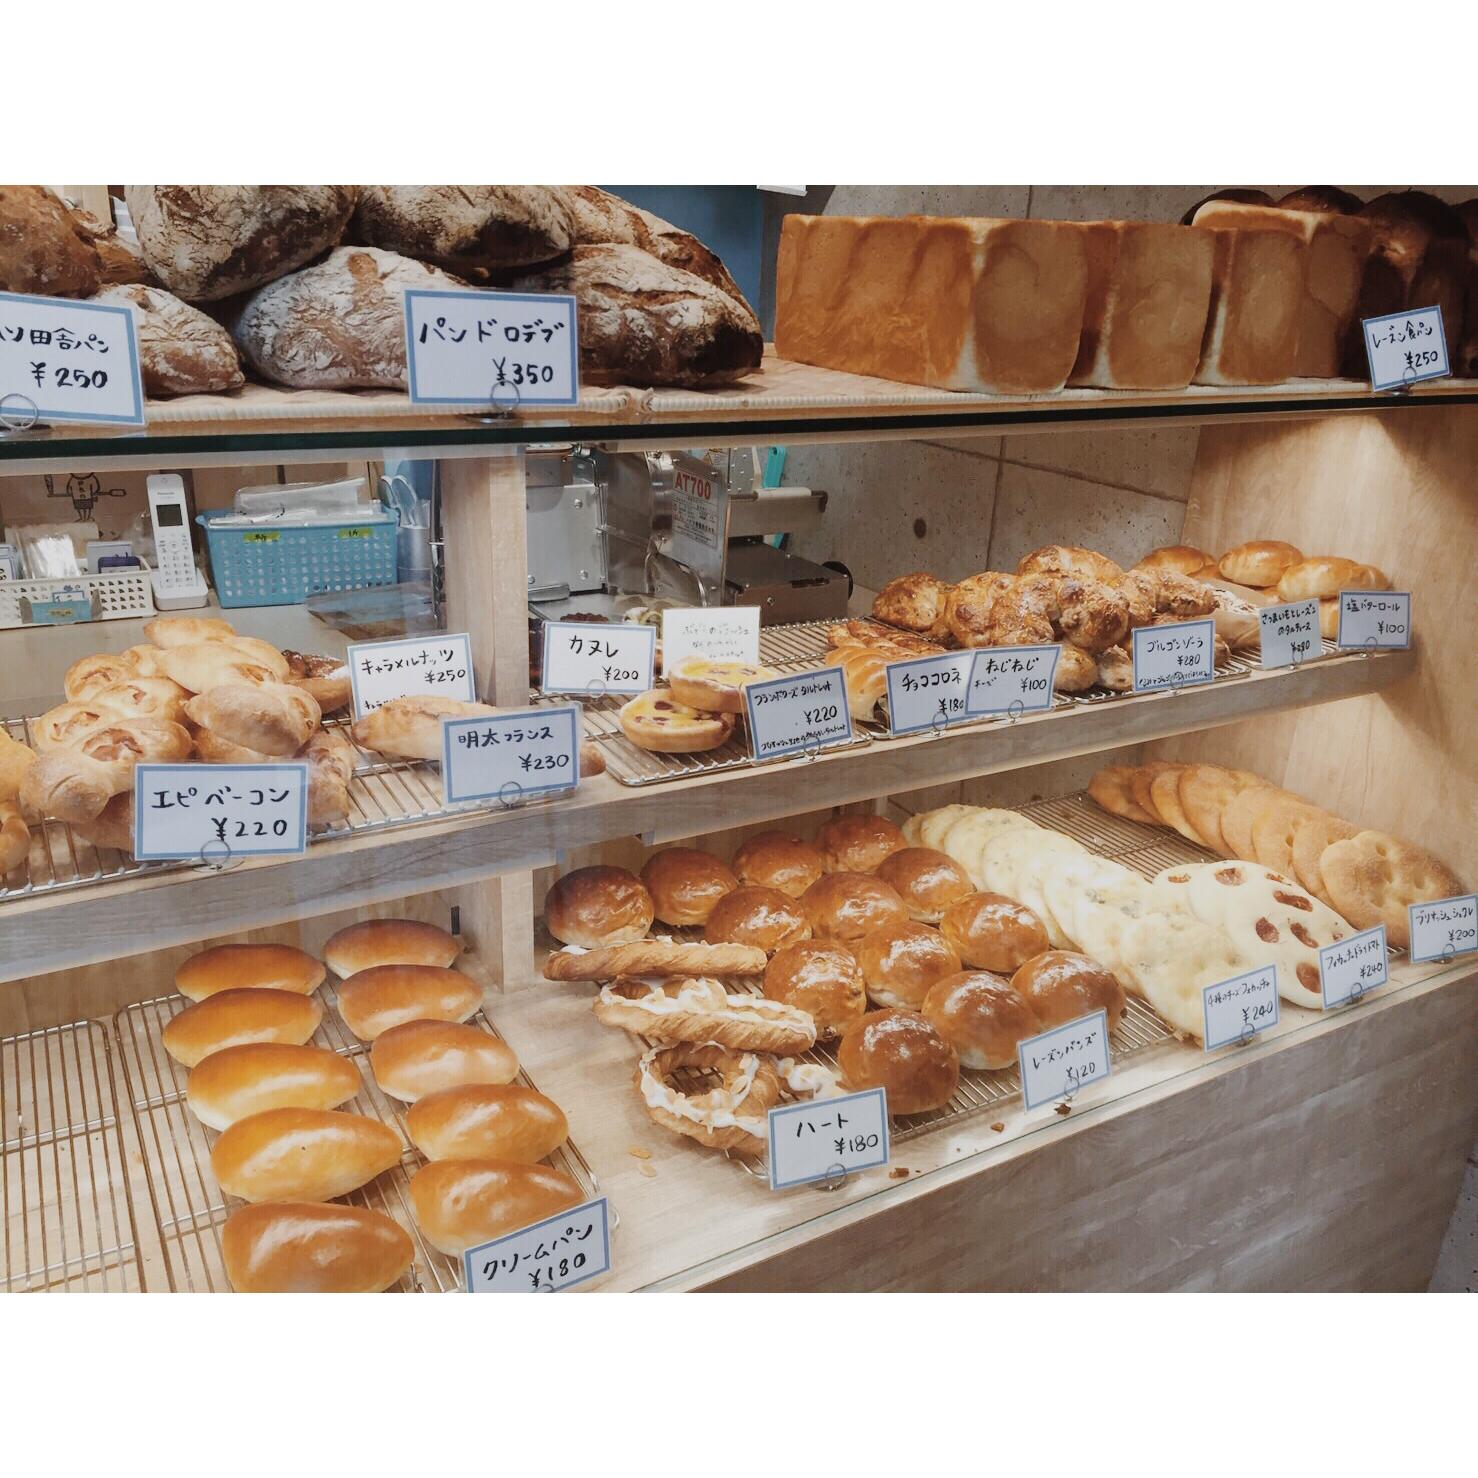 本日のパン棚(2016.09.18) | OPAN オパン|東京 笹塚のパン屋